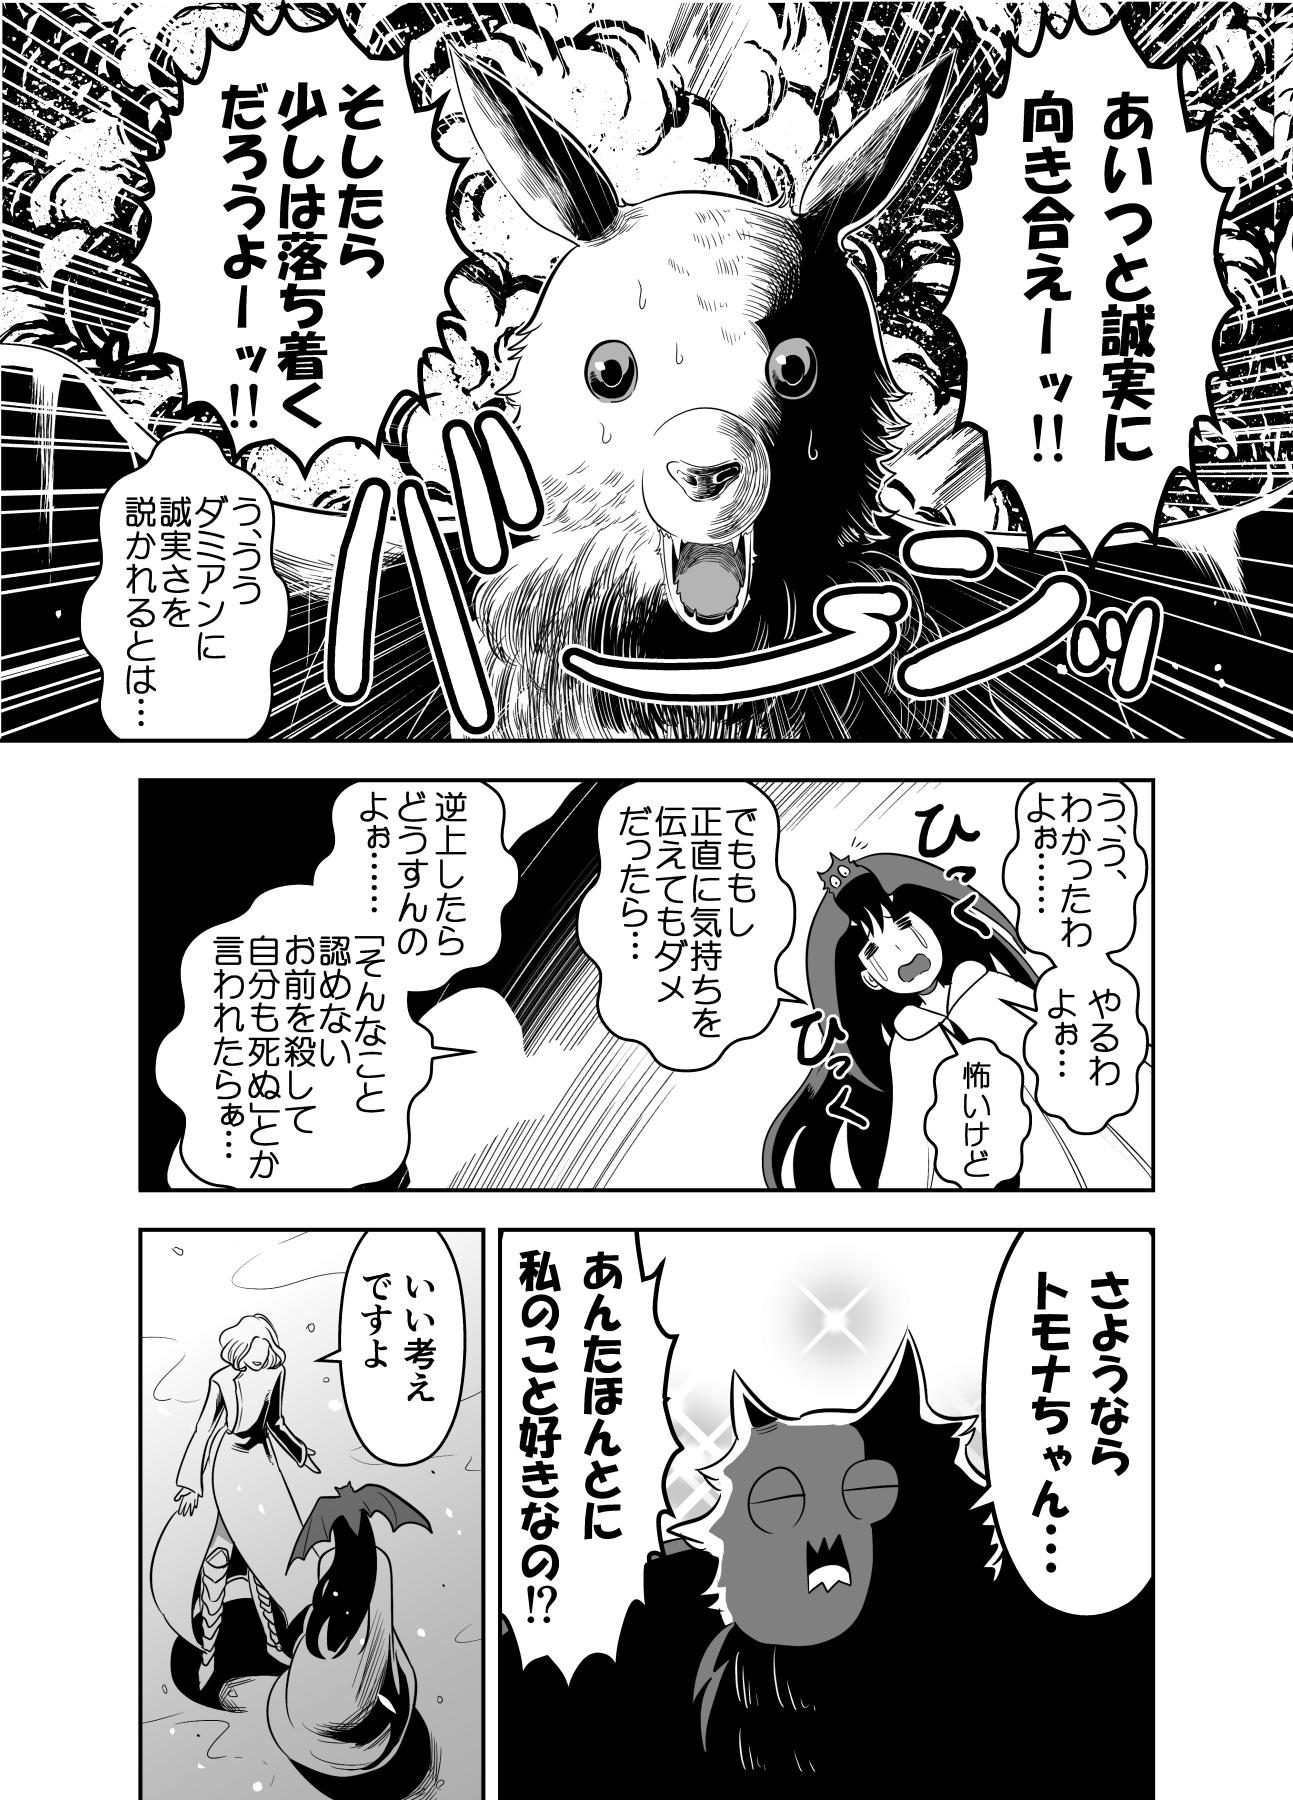 ヤサグレ魔女と蛇少年と宝石男②0060